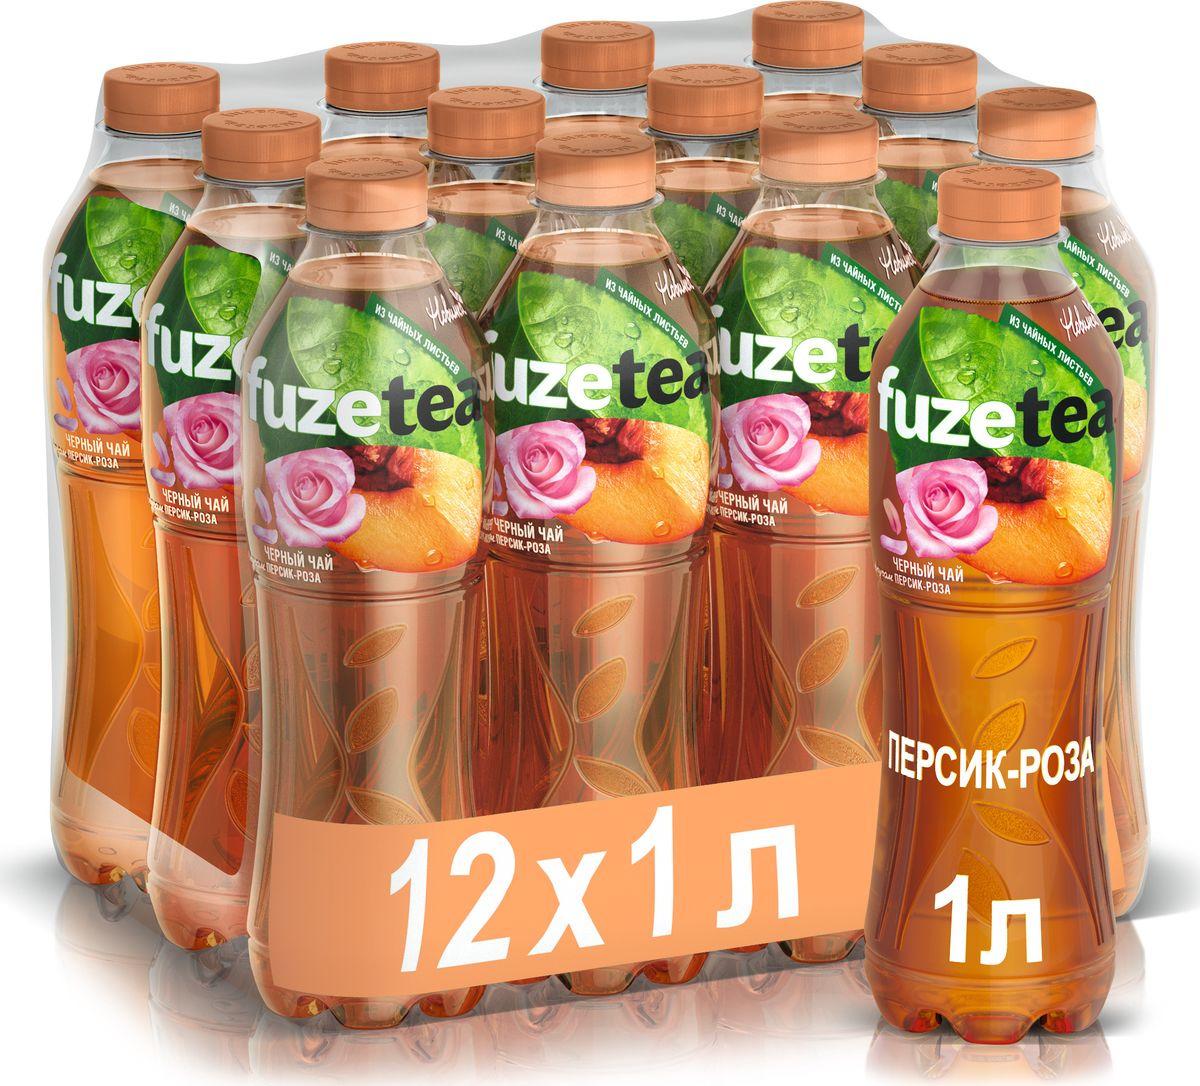 Холодный чай Fuzetea Персик-роза, черный, 12 шт по 1 л чай rioba черный солнечный персик